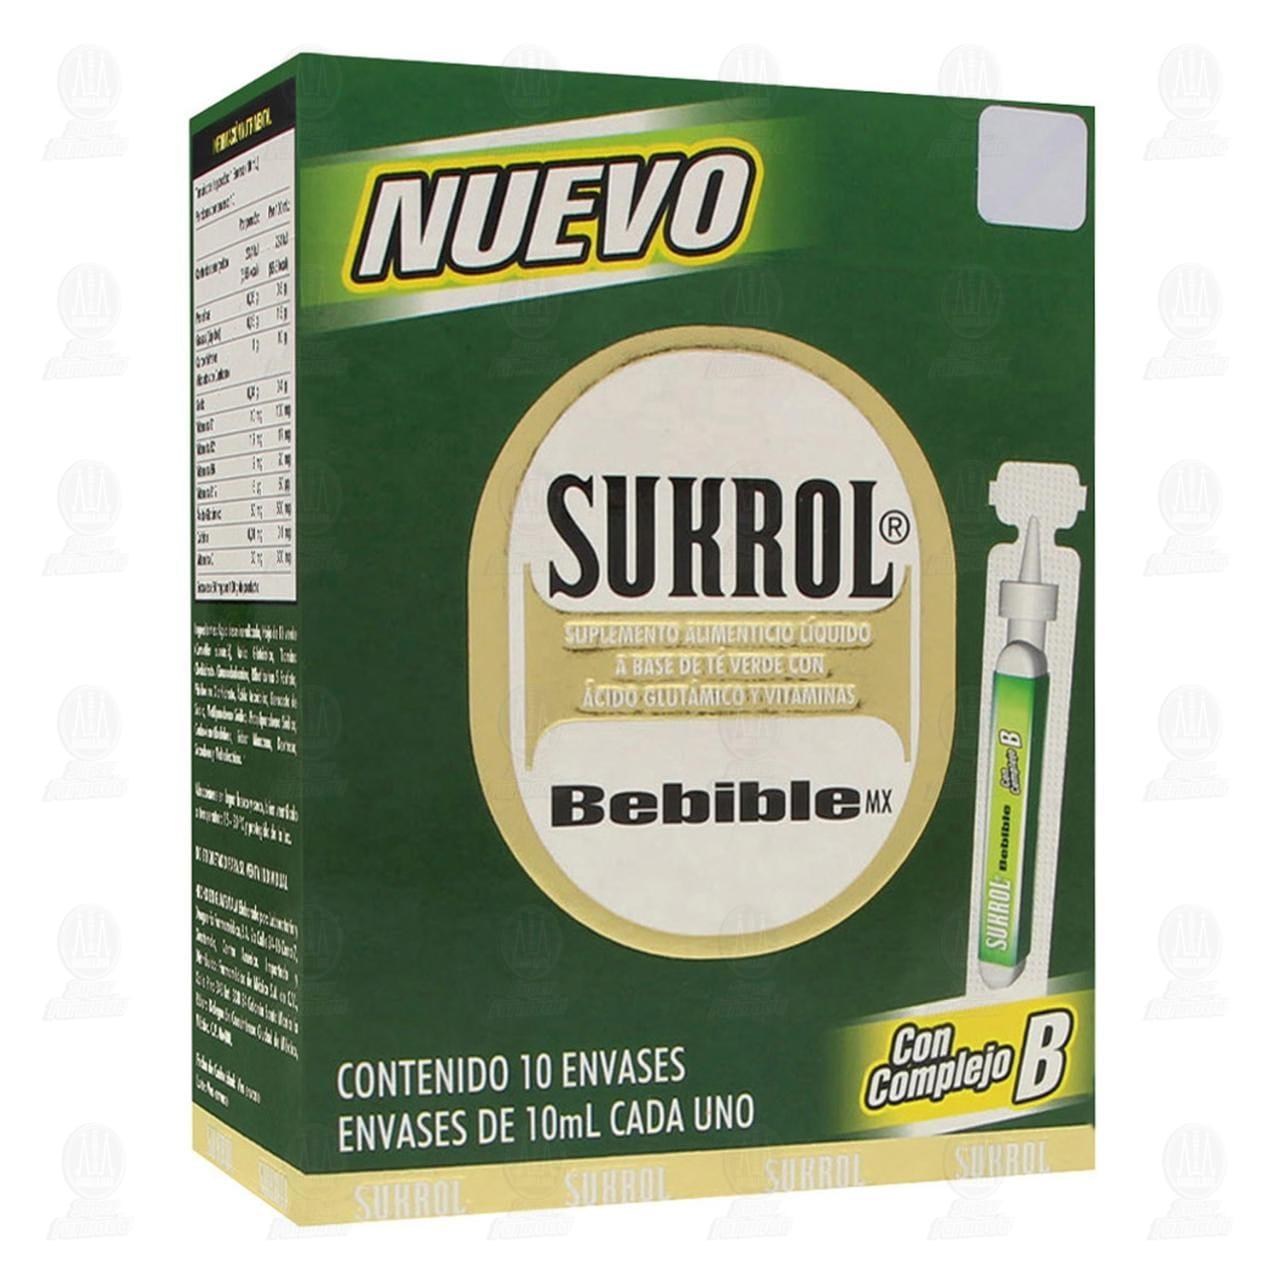 Comprar Sukrol Bebible 10ml 10 Envases en Farmacias Guadalajara